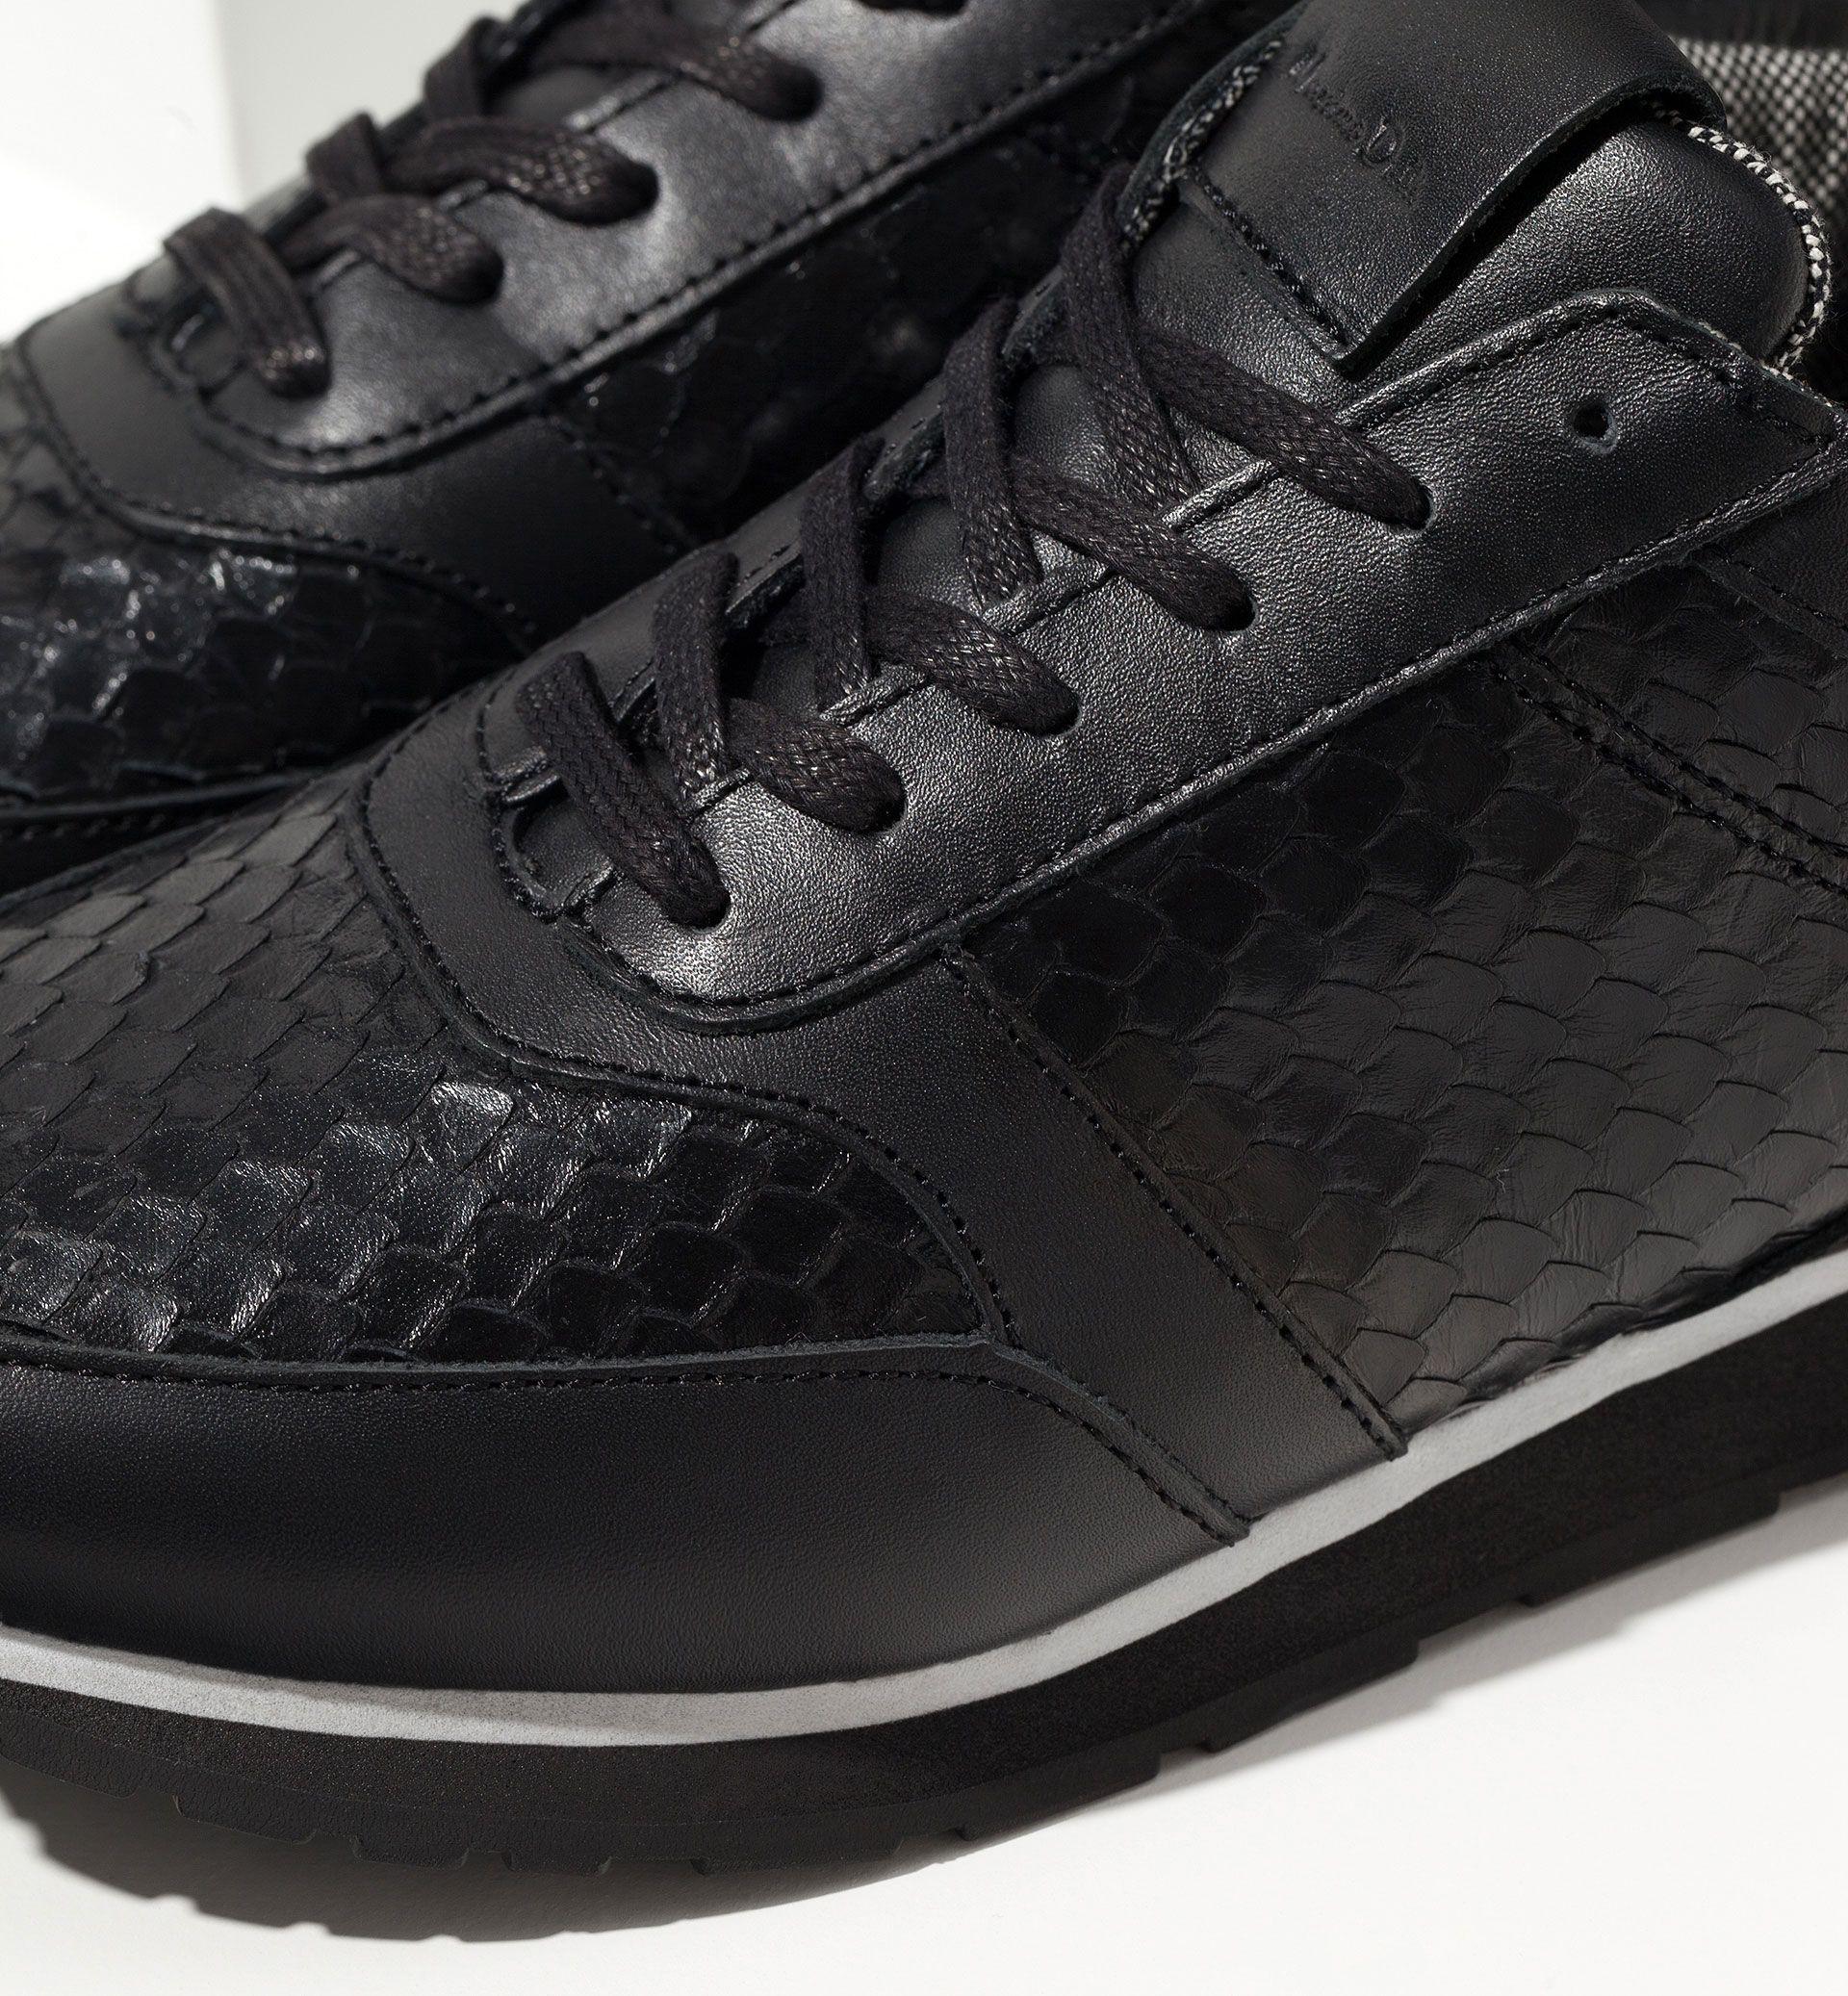 КРОССОВКИ ЧЕРНЫЕ Кроссовки, Черные кроссовки и Обувь